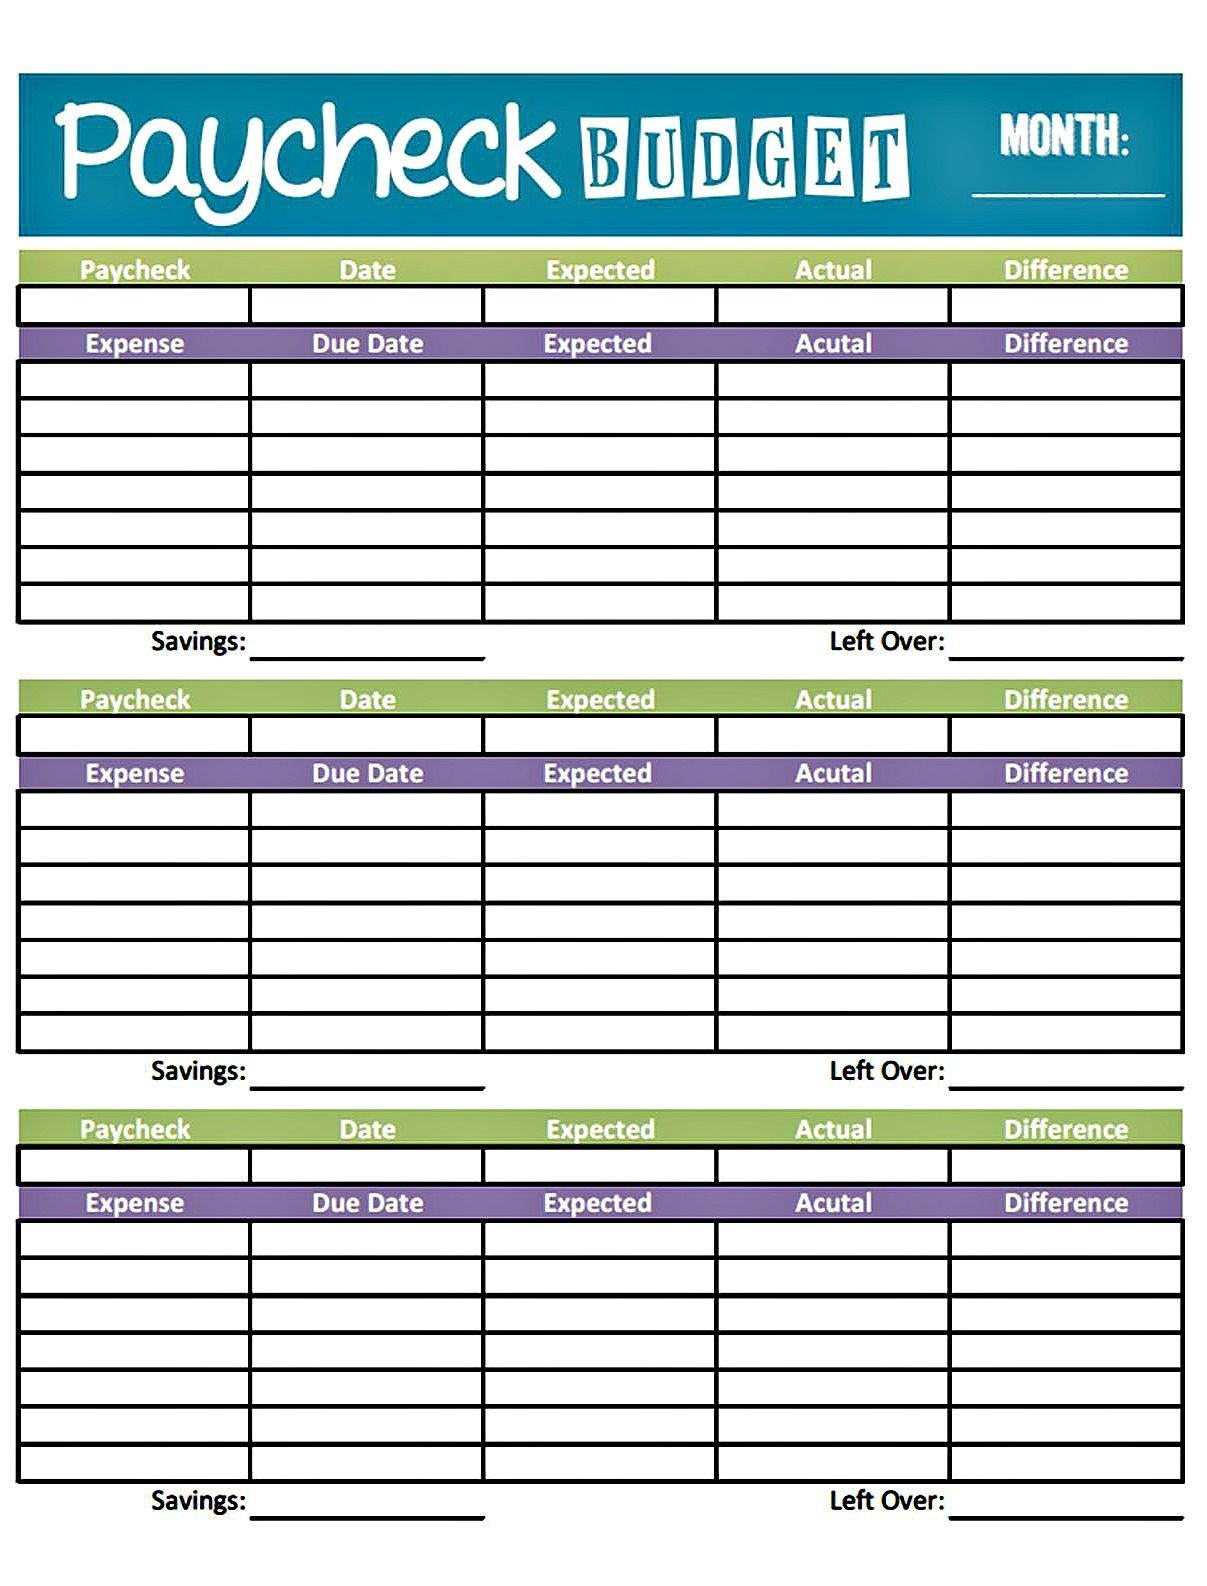 Budget Worksheet Printable | Get Paid Weekly And Charlie Gets Paid | Printable Budget Worksheet